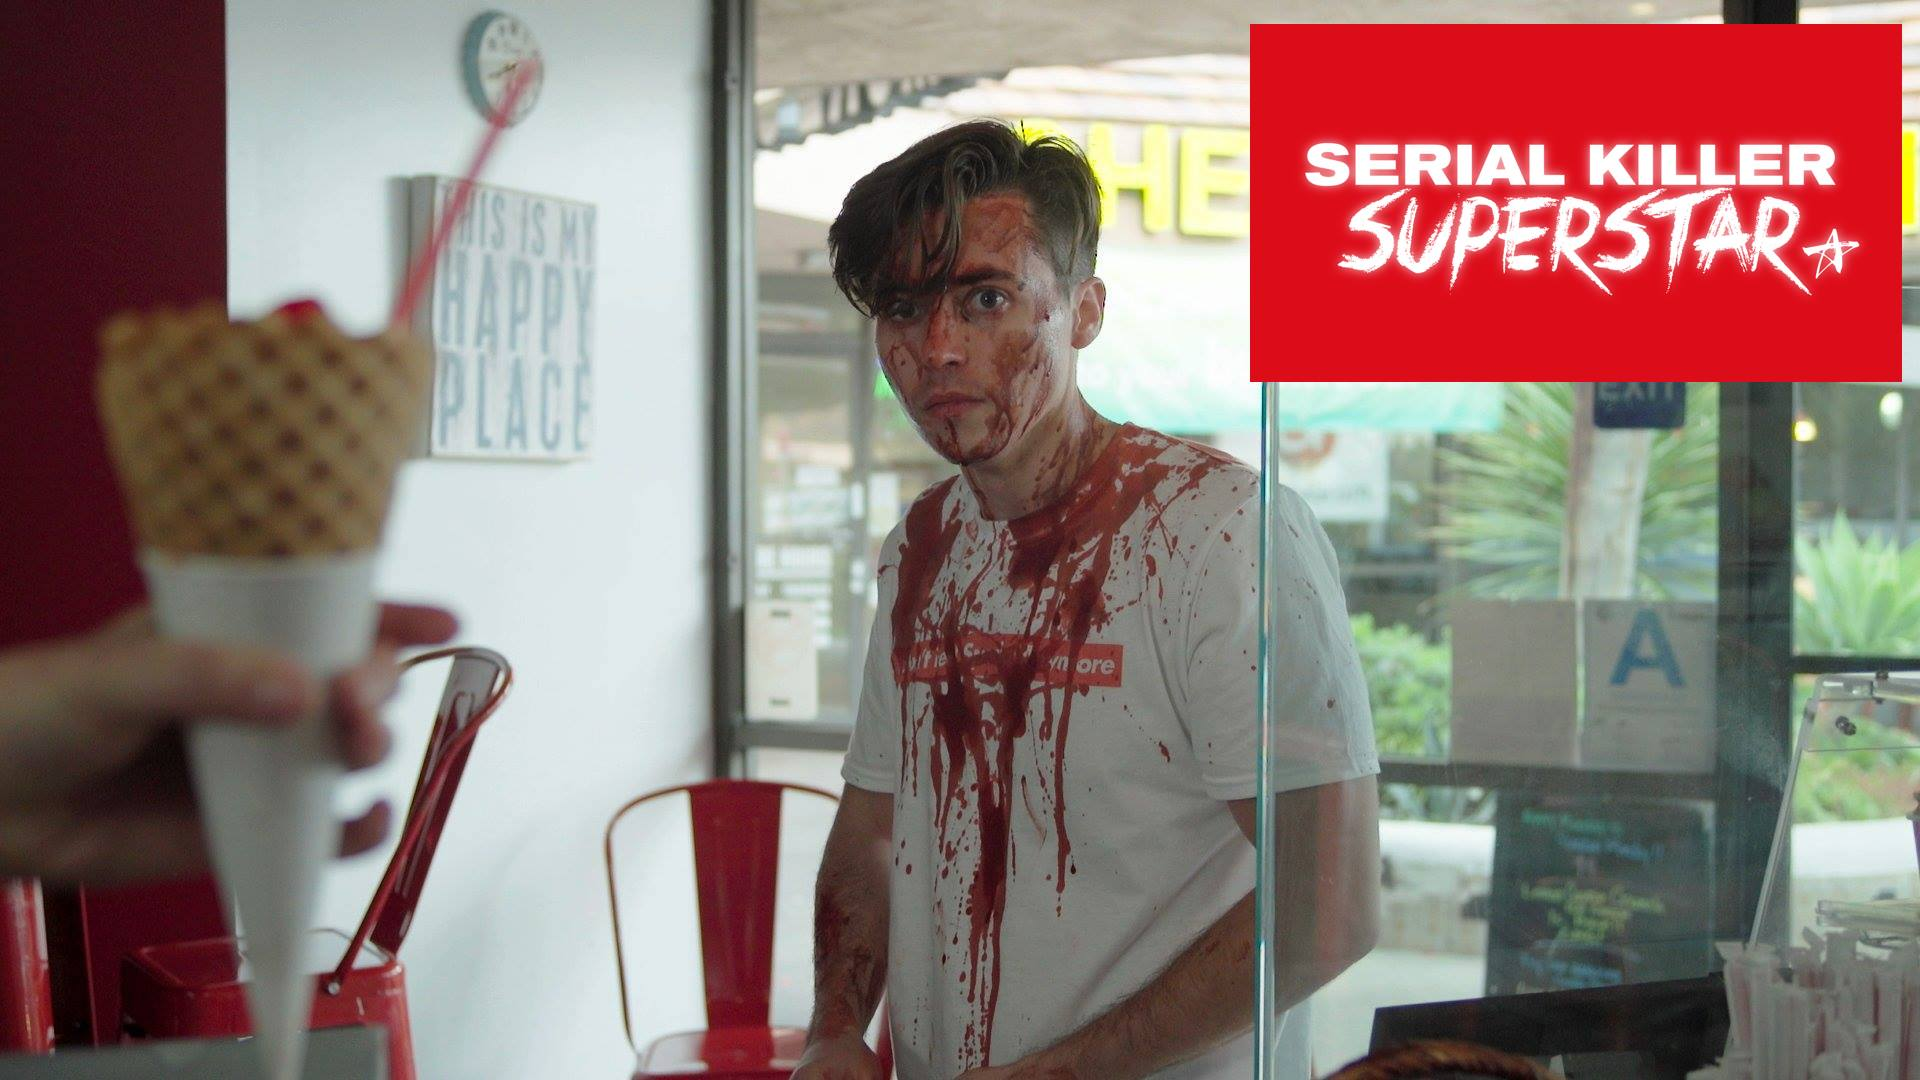 Serial Killer Superstar - Short